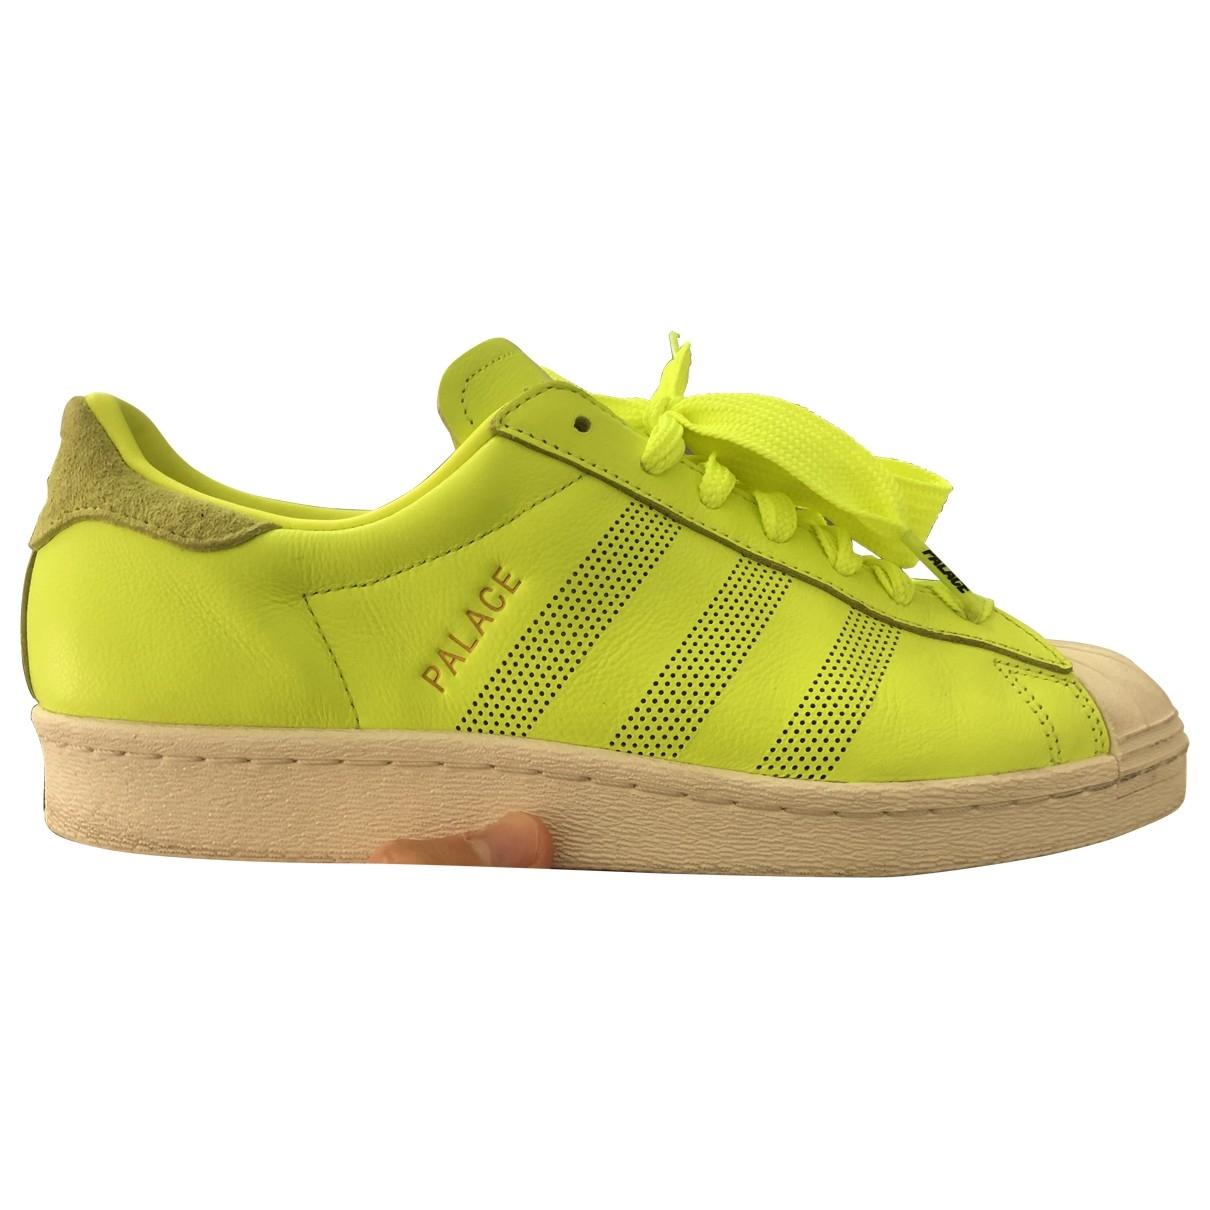 Palace X Adidas - Baskets   pour homme en cuir - jaune